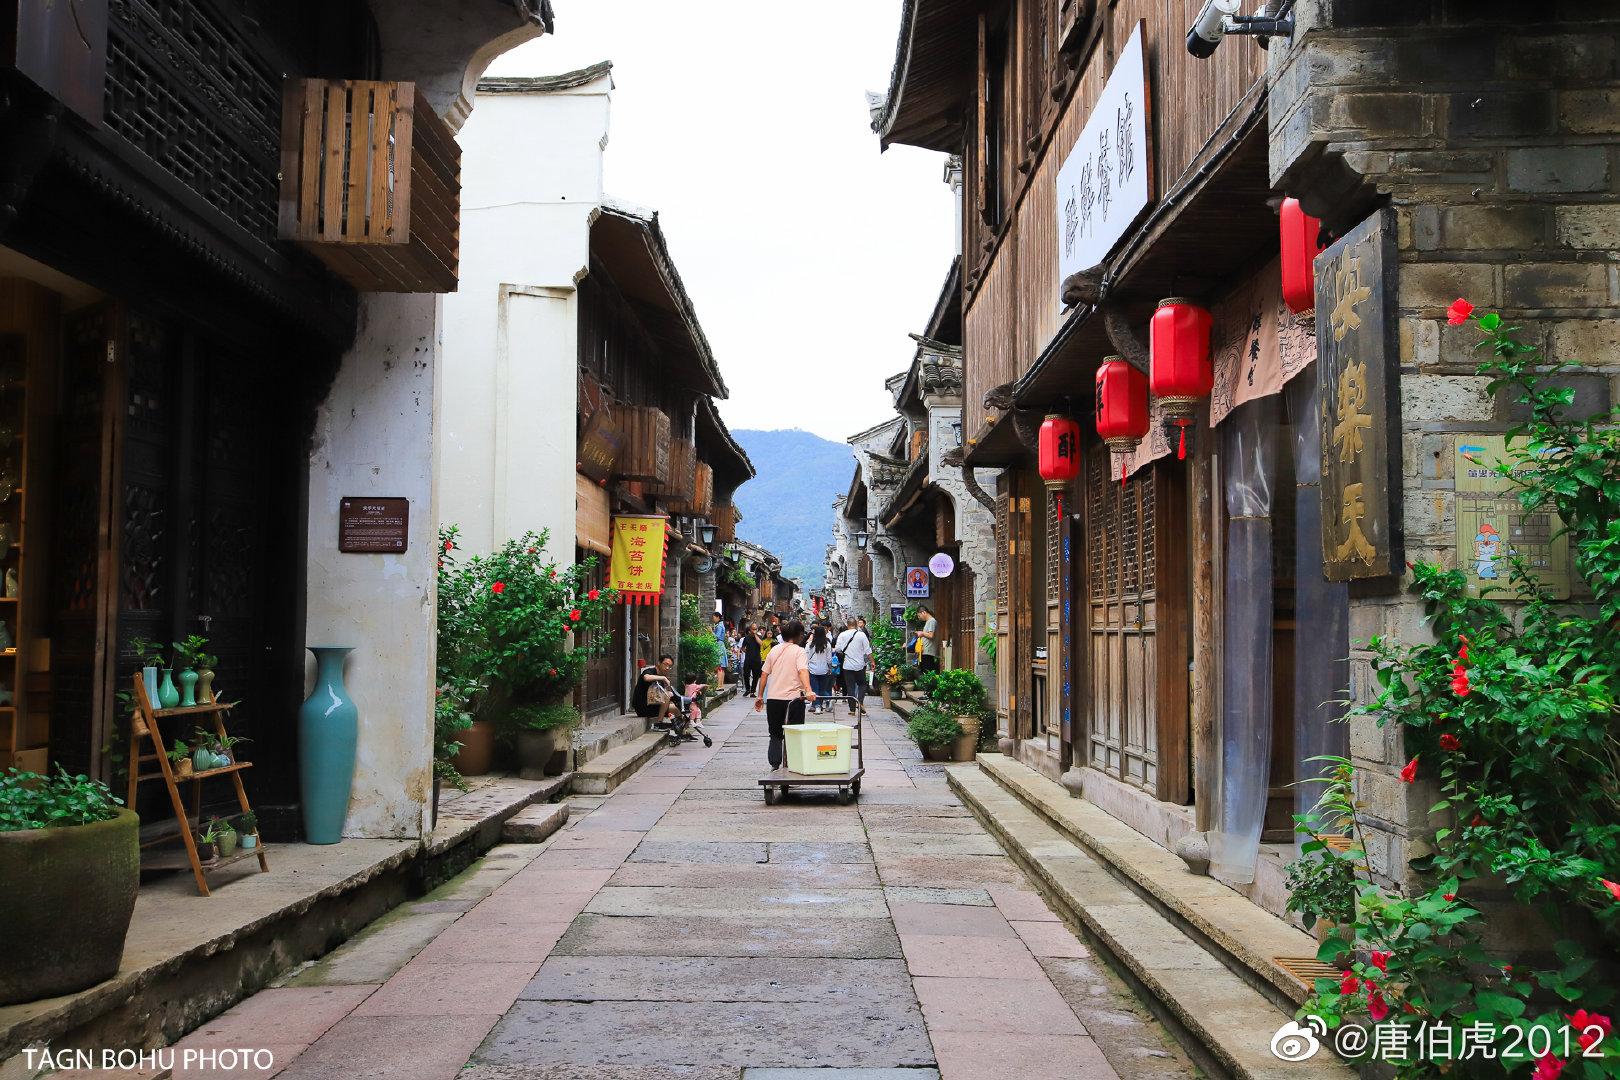 台州府紫阳古街,位于临海的老城区,从北向南,全长约千余米